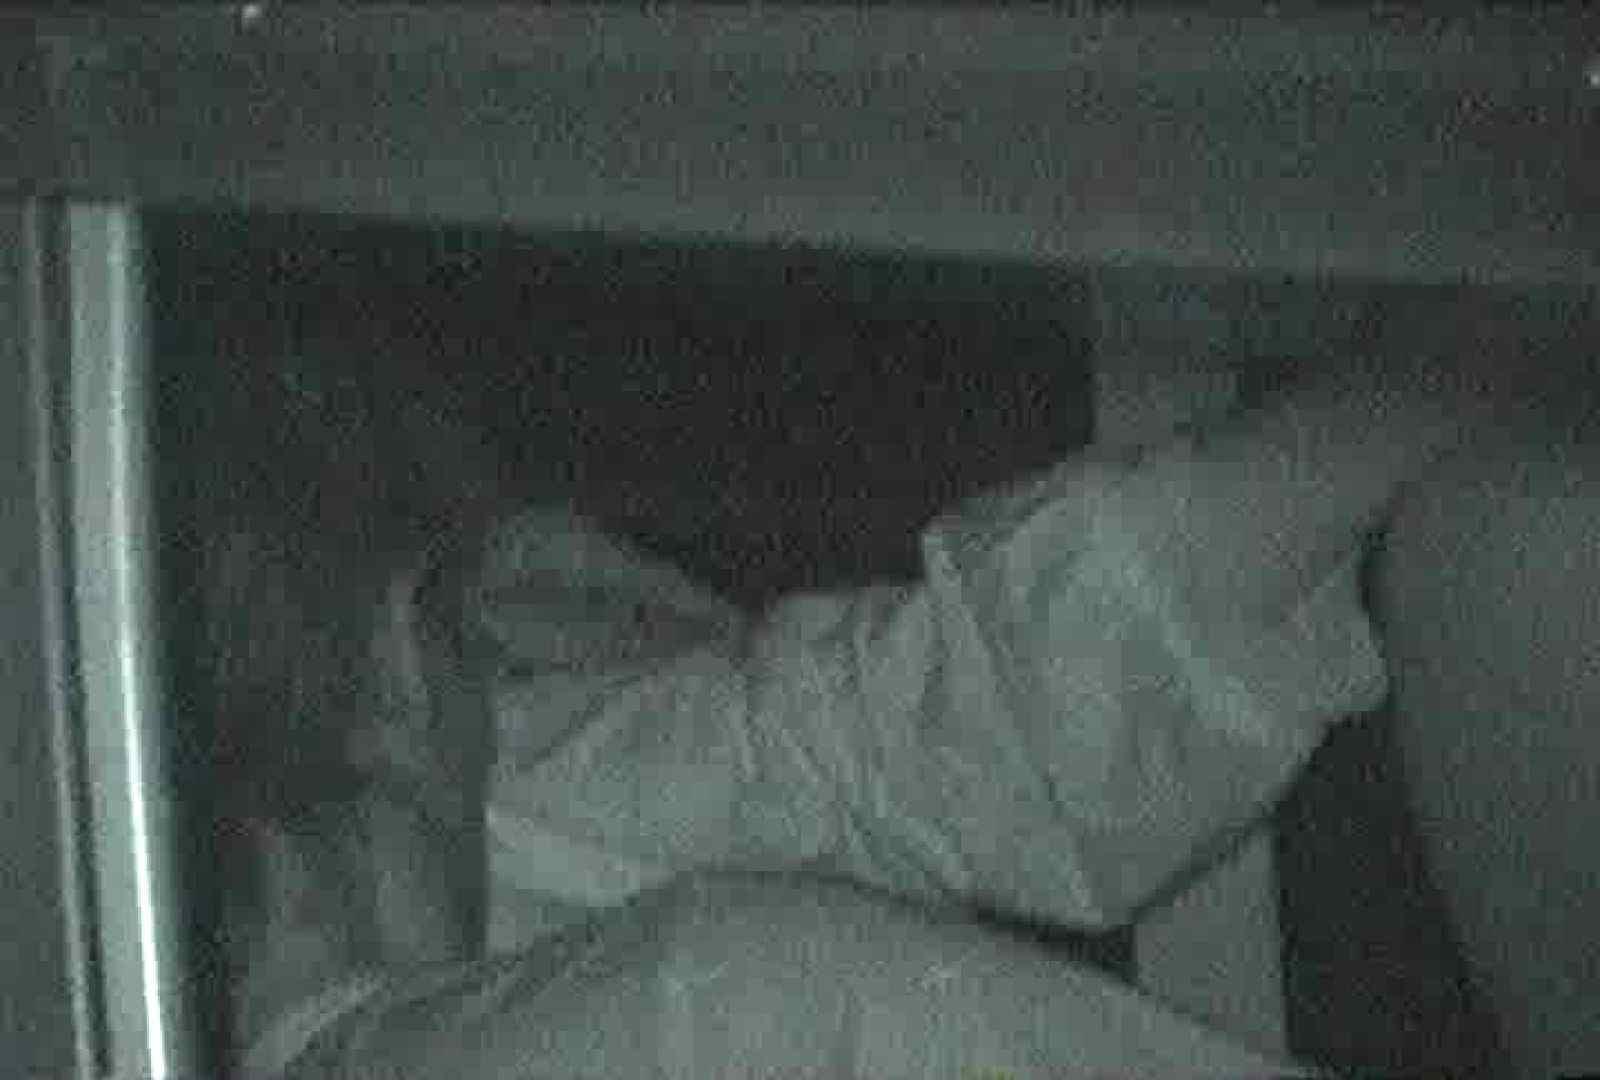 充血監督の深夜の運動会Vol.100 カップル盗撮 | エロティックなOL  107画像 1